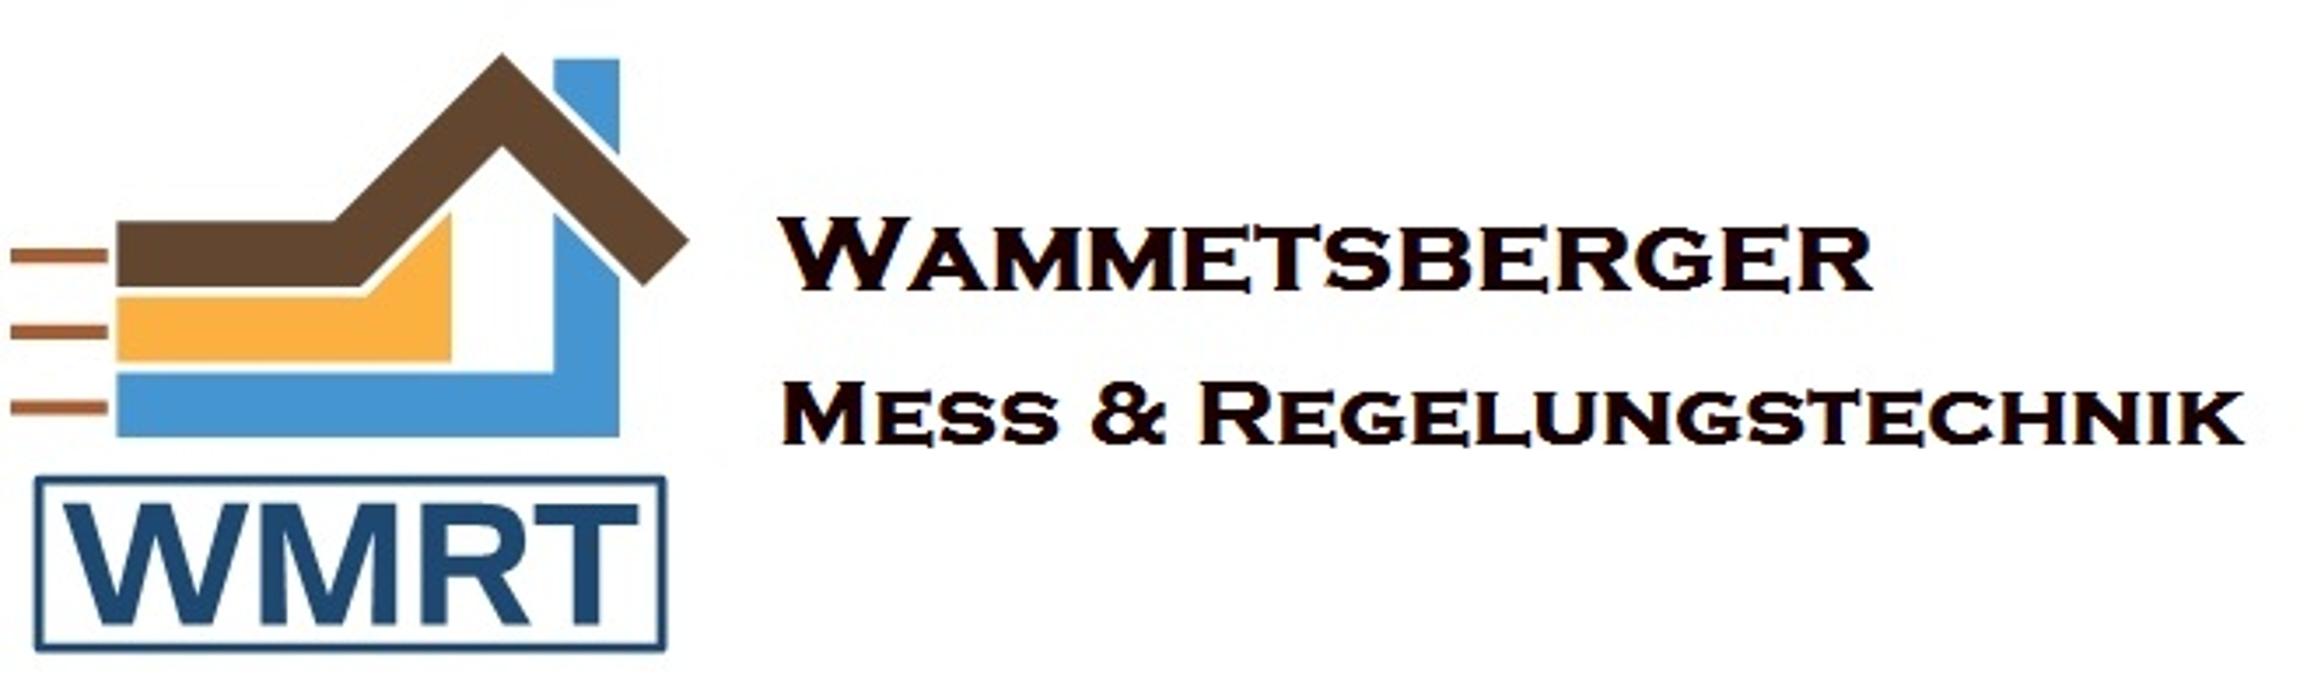 Bild zu WMRT Wammetsberger Mess & Regelungstechnik in Eurasburg an der Loisach